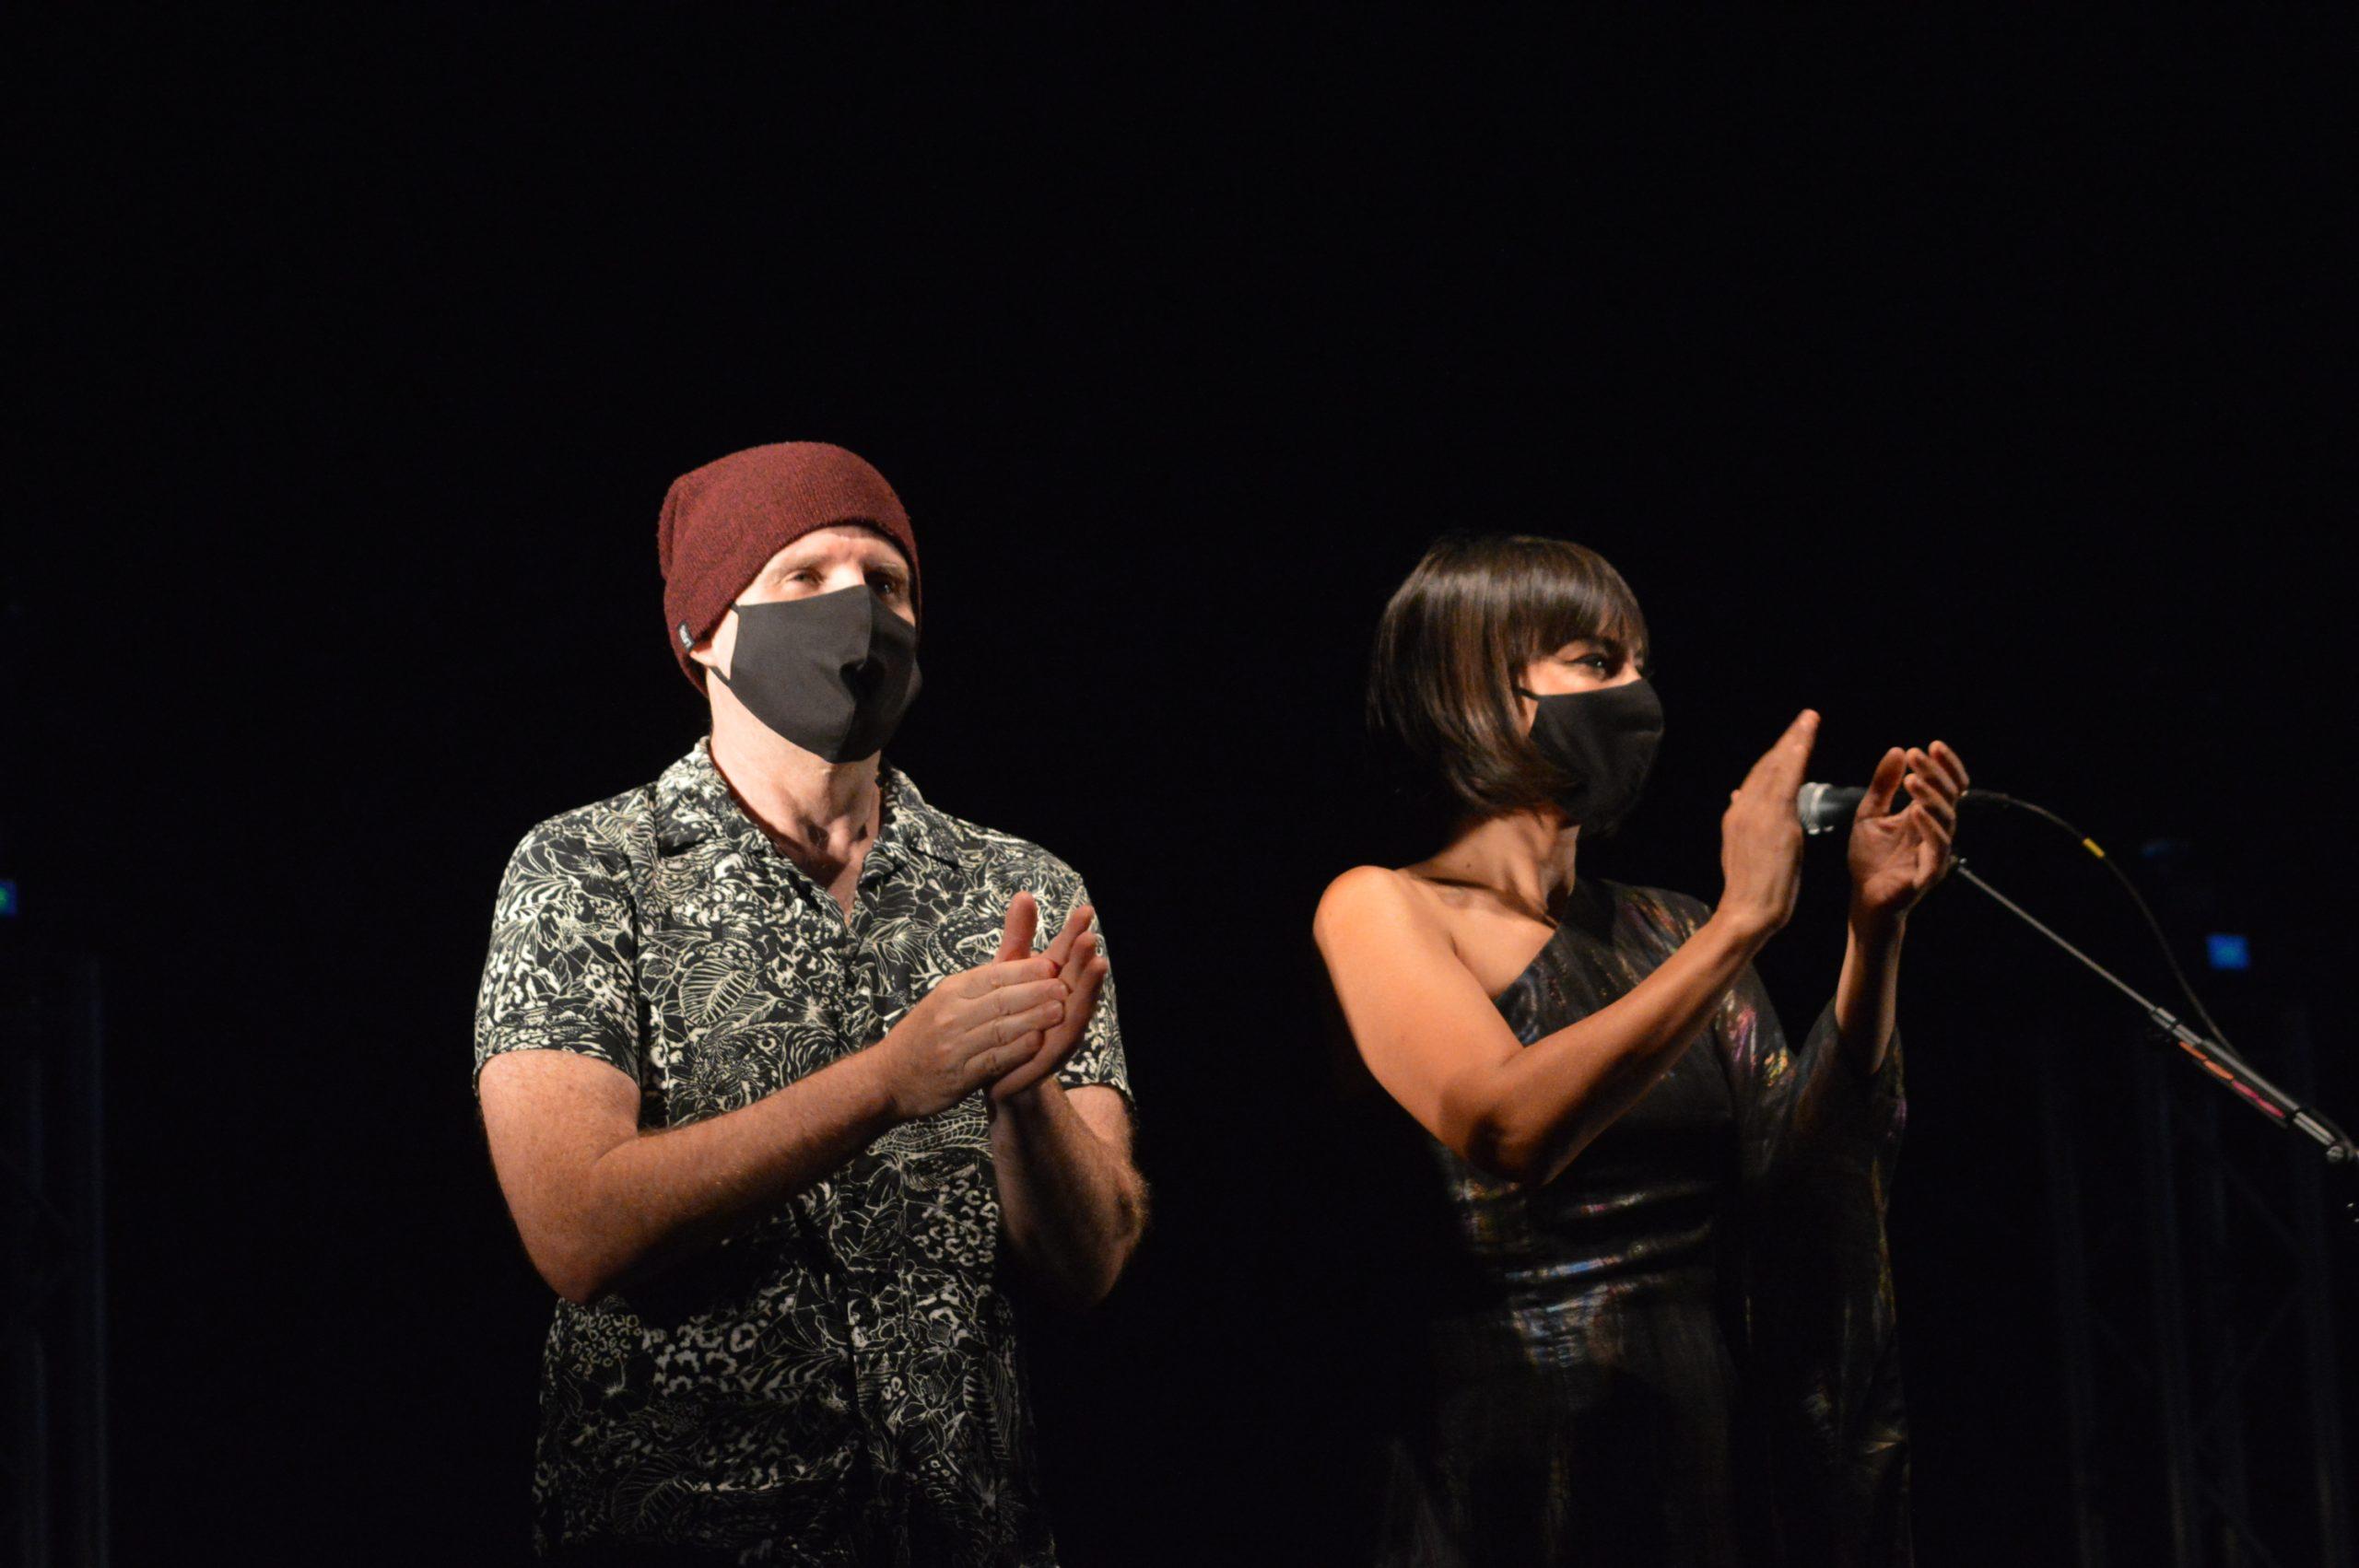 Concierto de Amaral en el verano #ponferradateabraza, la cercanía del dúo zaragozano alejó la distancia social 2